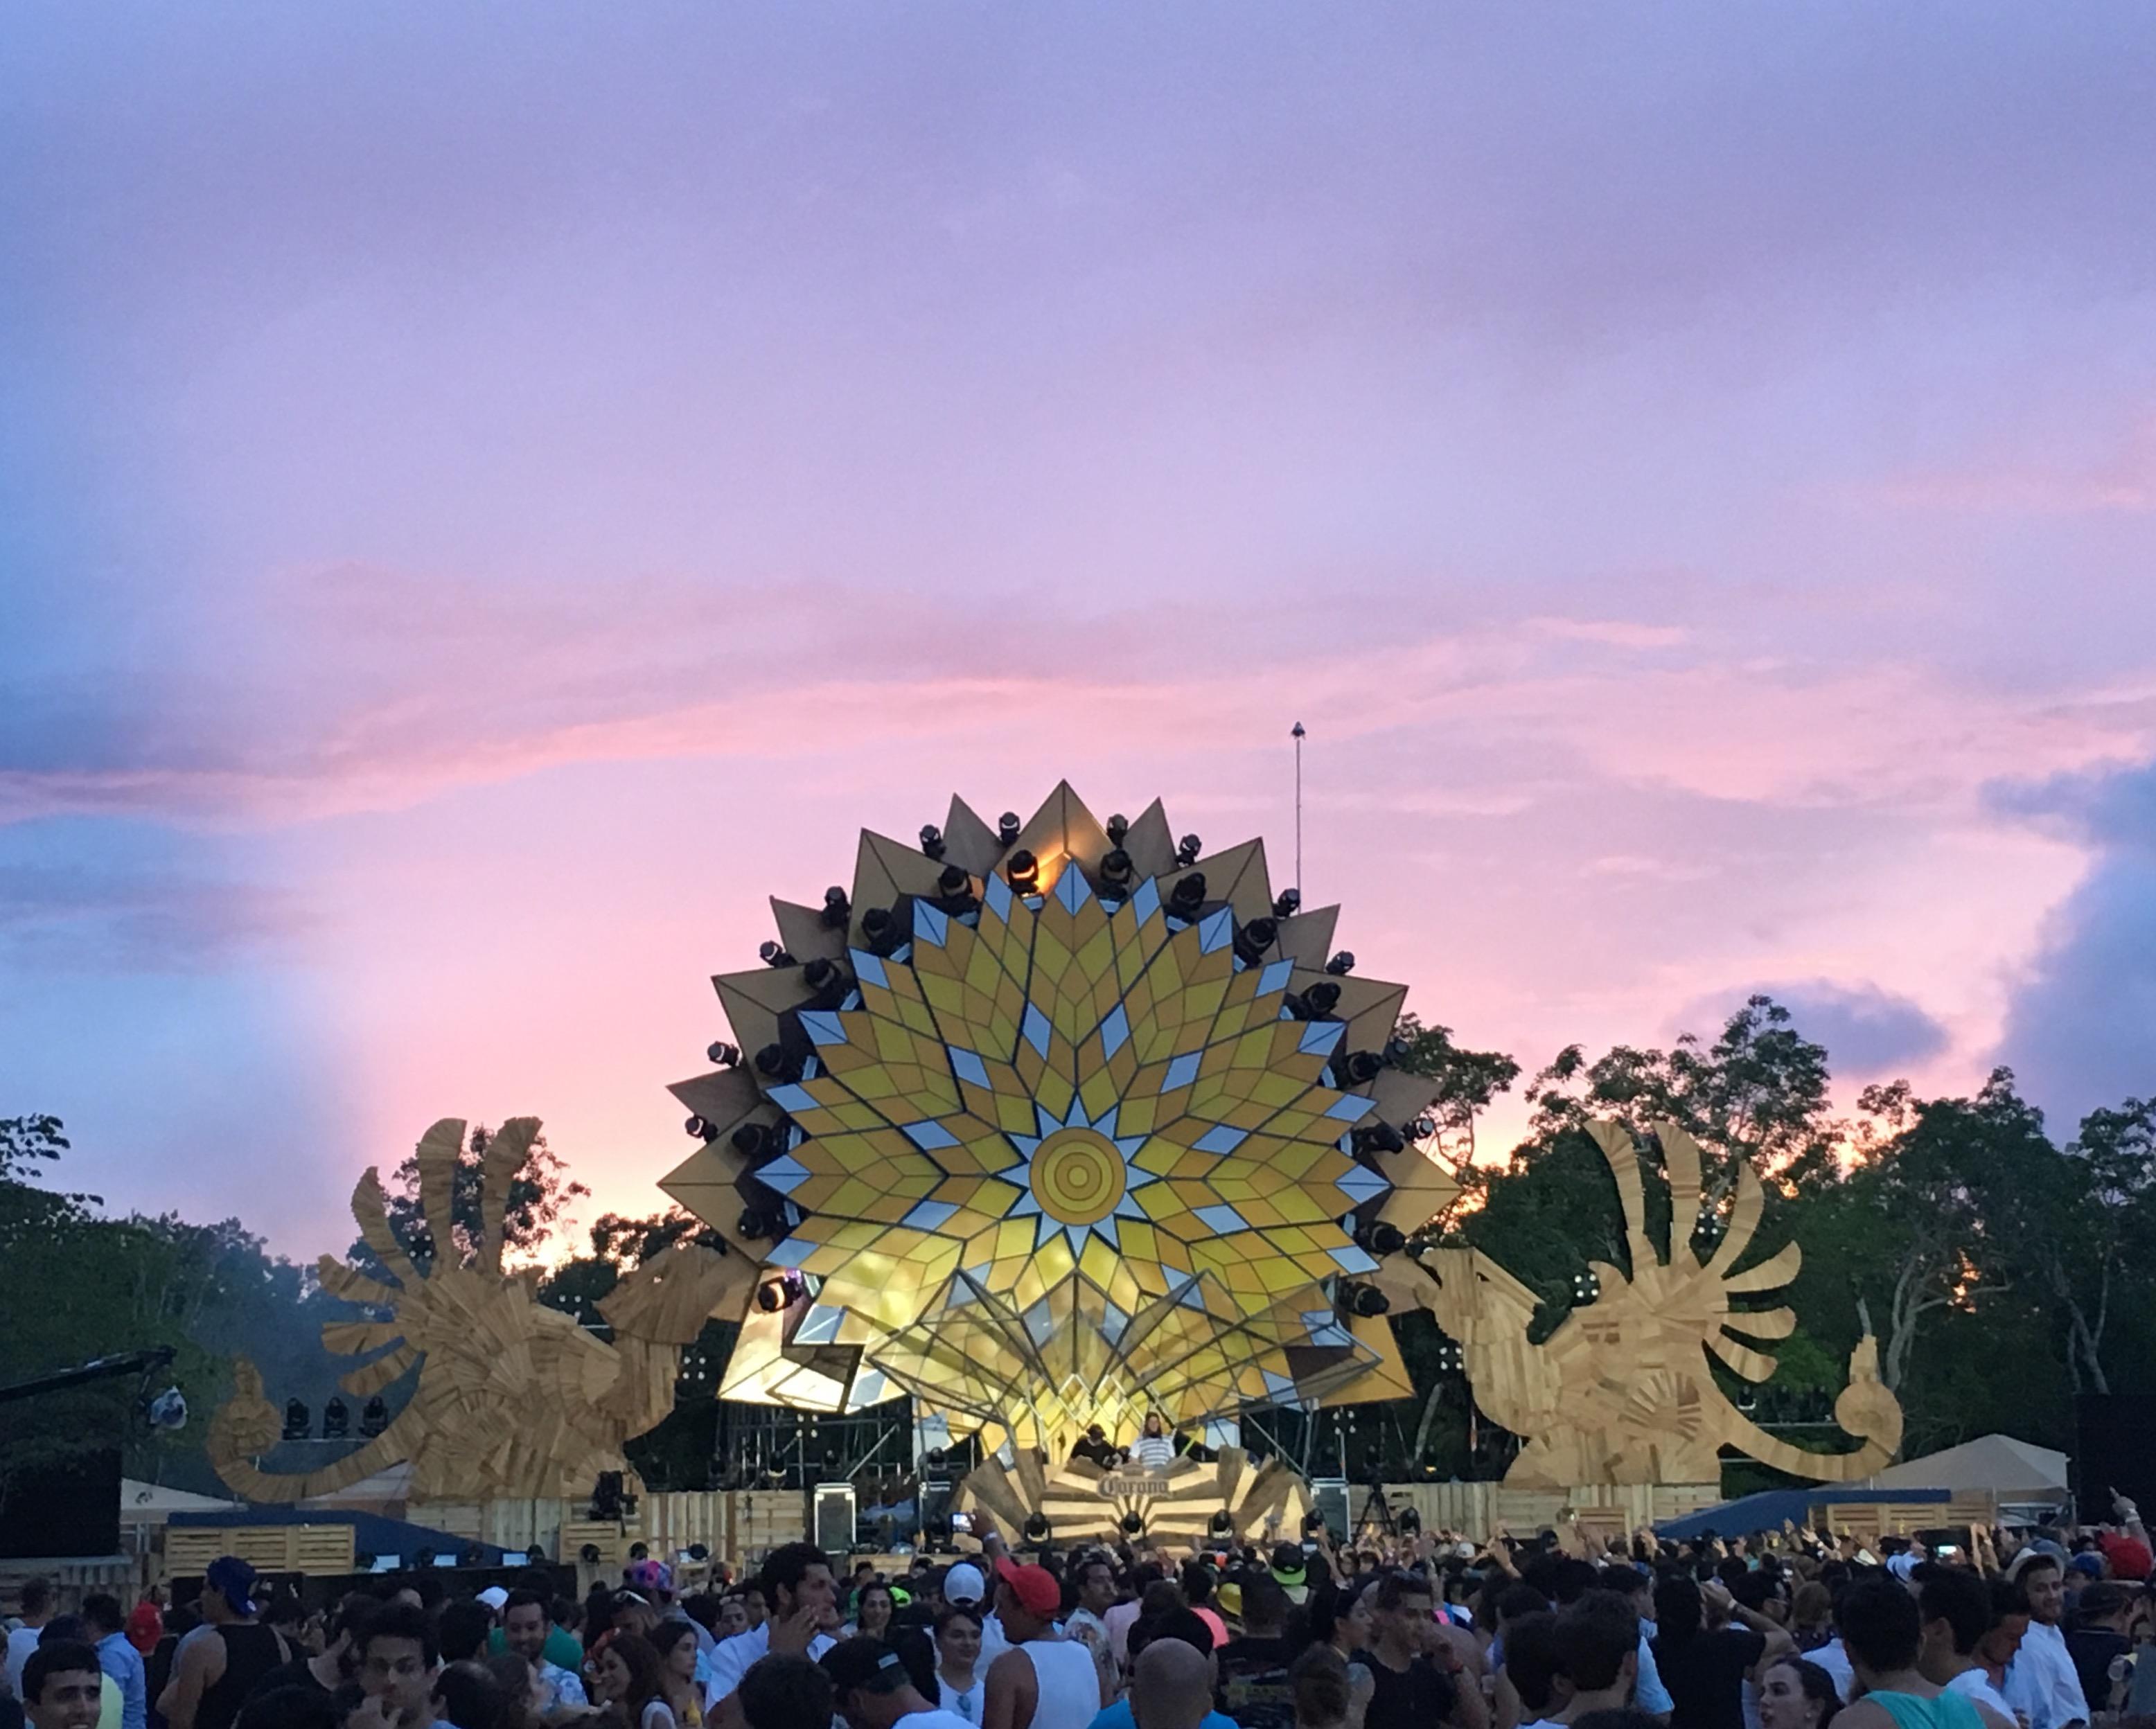 Vero makes Mexico debut at Corona Sunsets